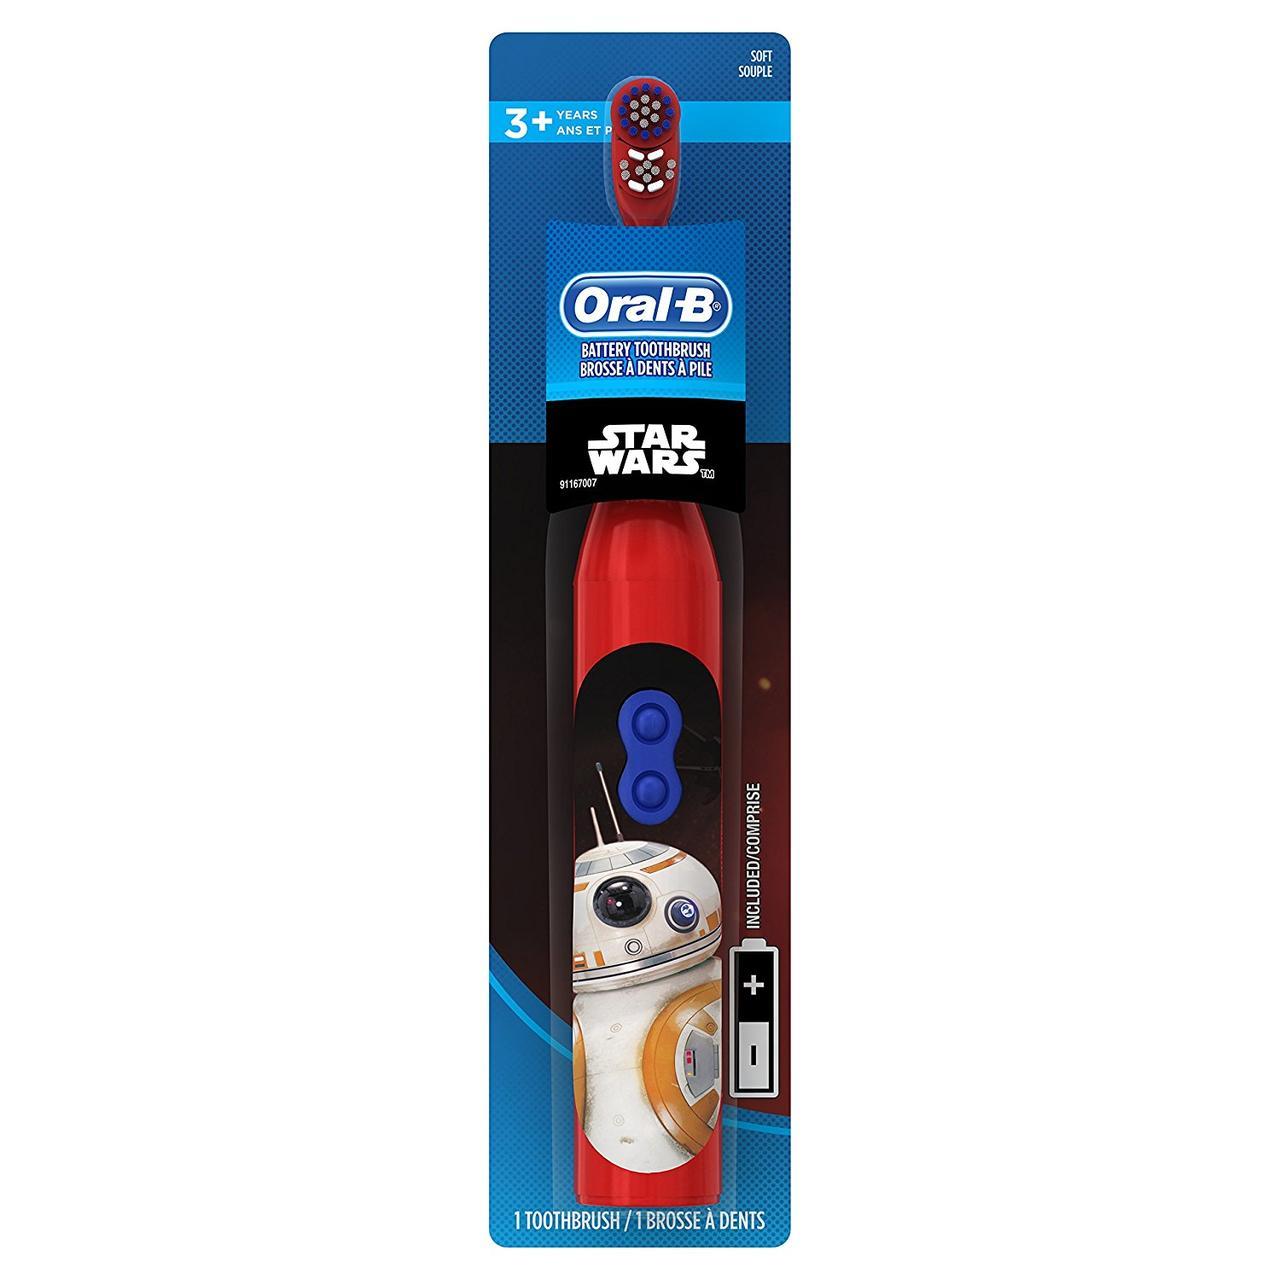 Електрична зубна щітка Oral-B Зоряні війни